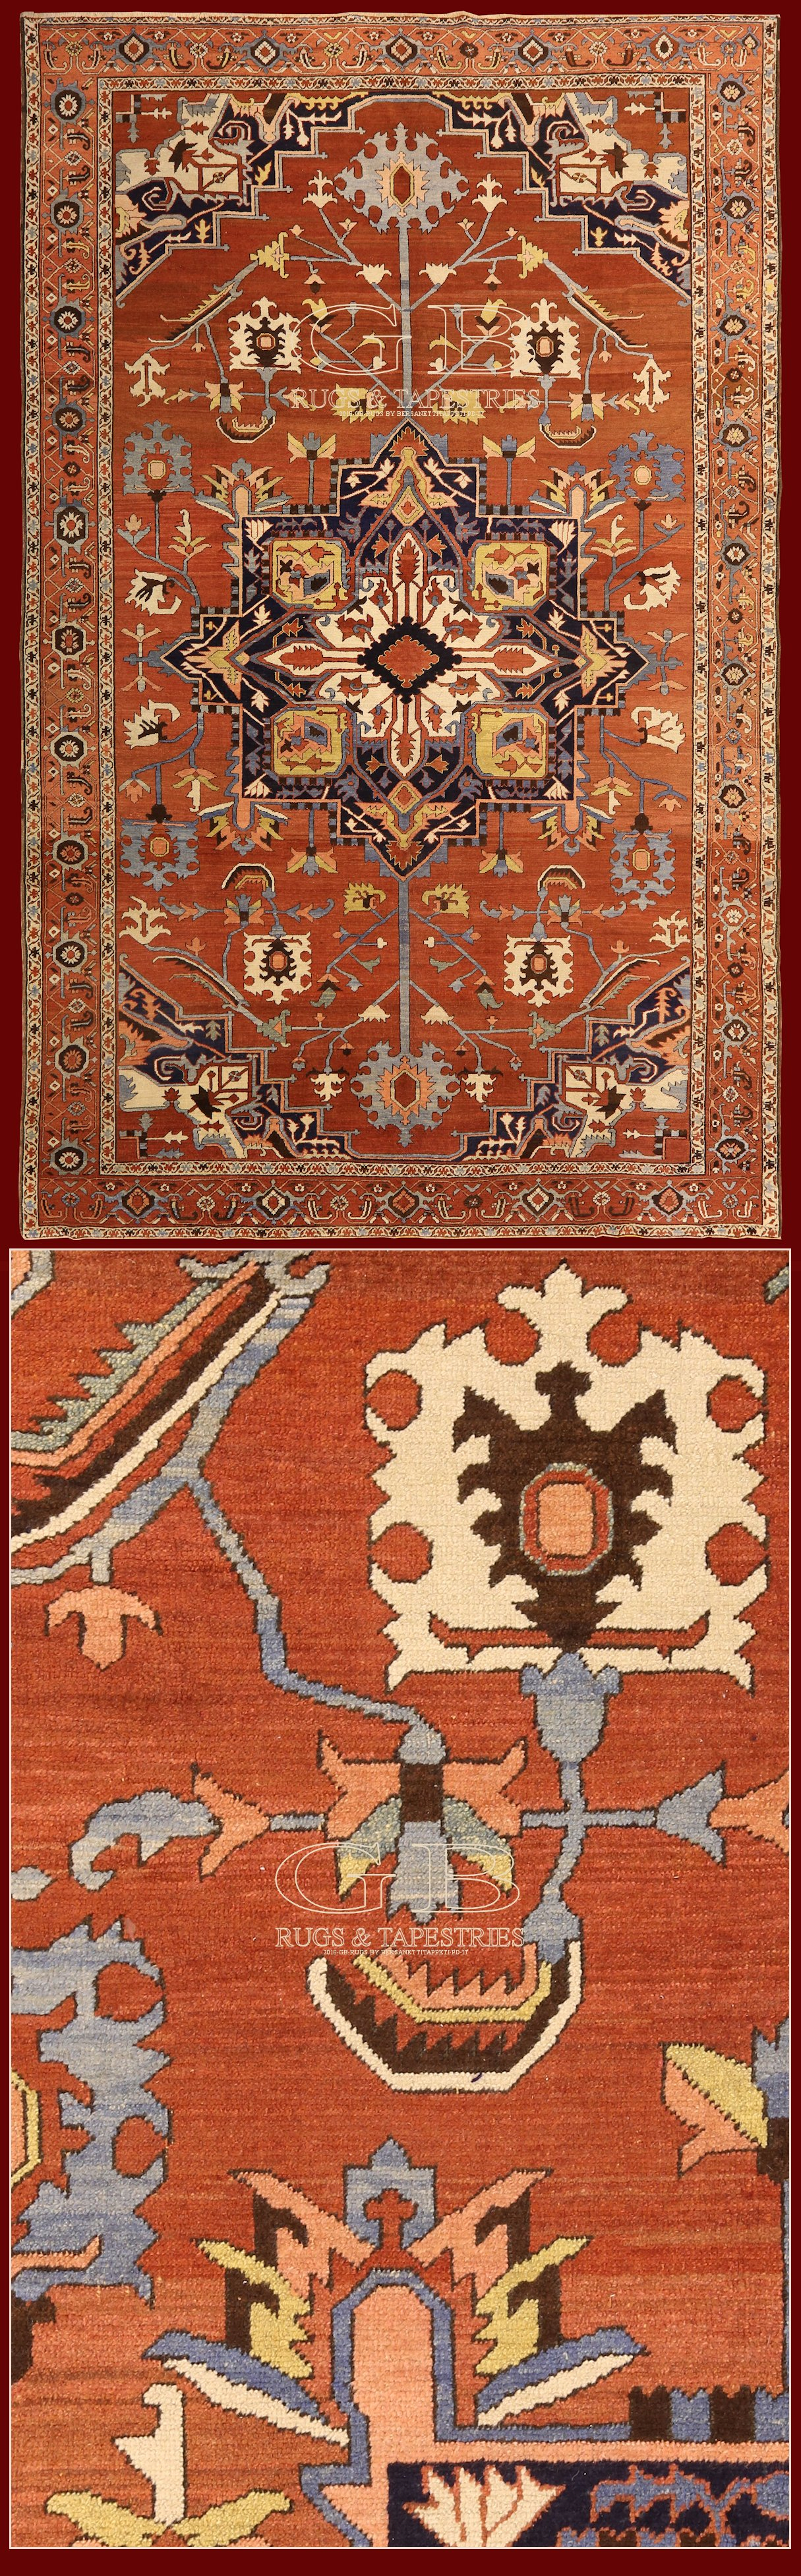 Antico tappeto persiano Heriz Serapi. Serapi è il nome commerciale dato ai tappeti di Hertiz annodati tra il 1800 ed il 1910. Venivano annodati dagli abita